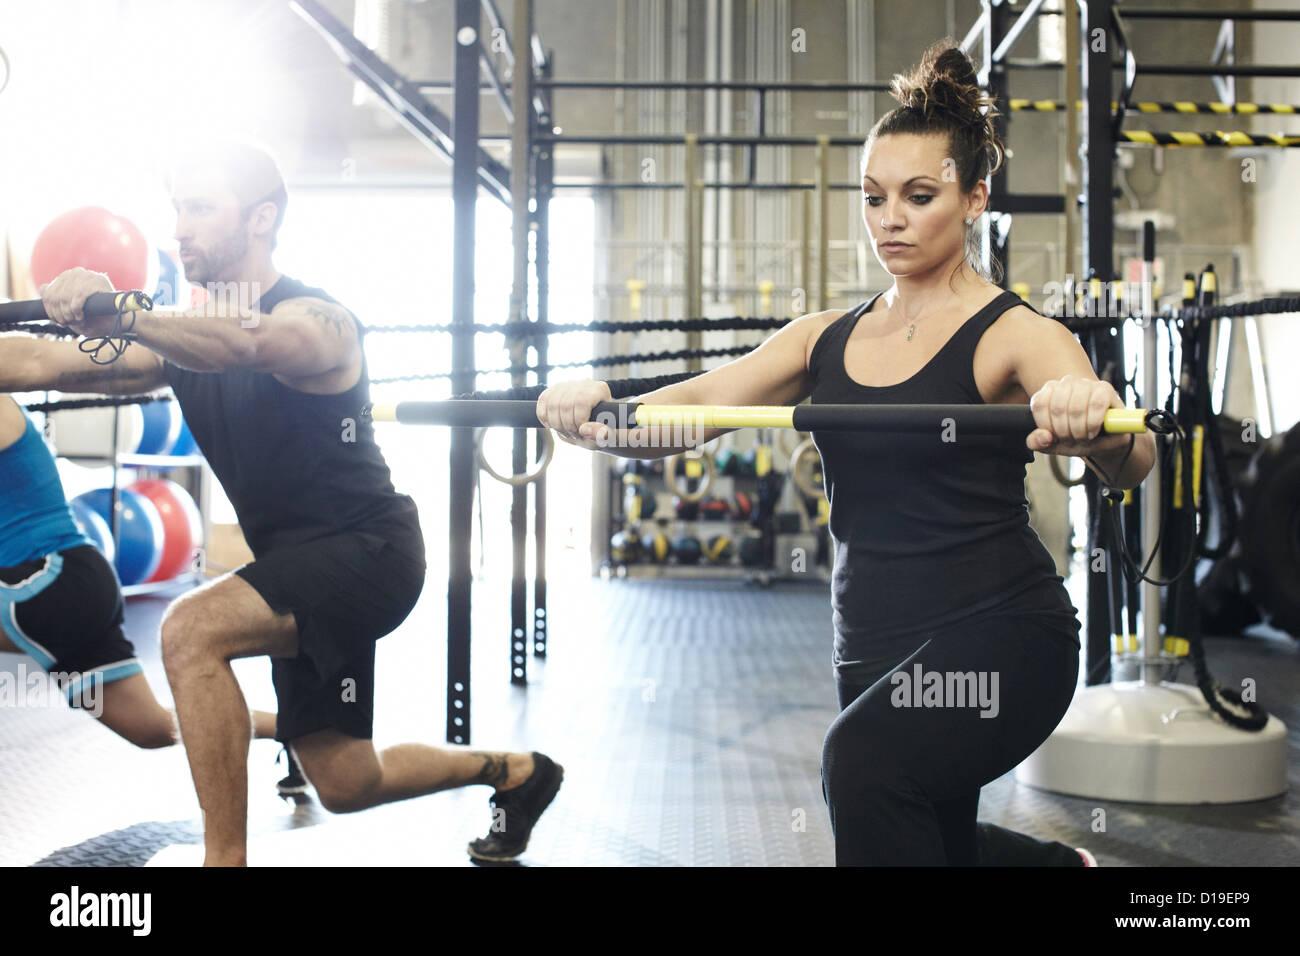 La donna che lavora fuori in palestra con esercizio bar e cavo di resistenza Immagini Stock